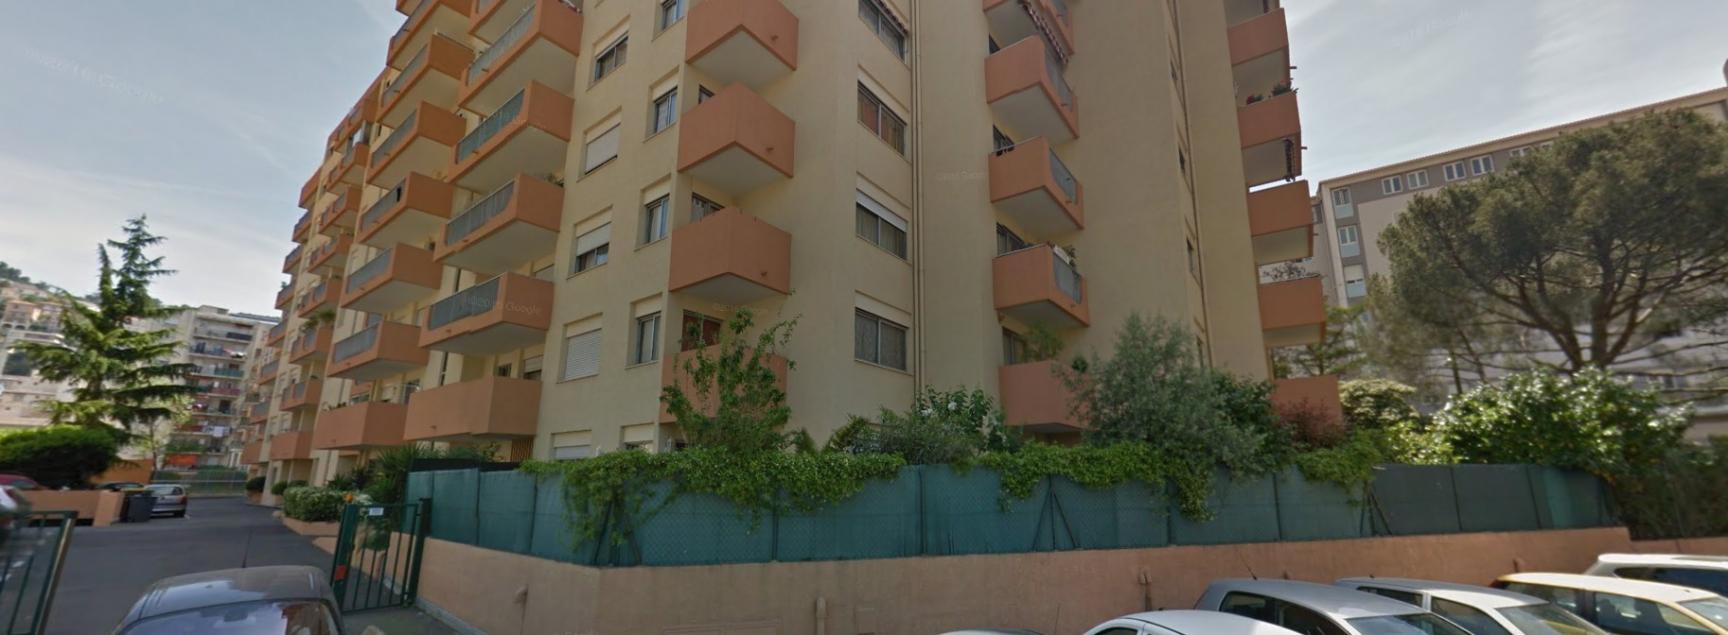 Photos de Terrains Et Garages à Nice (06300)